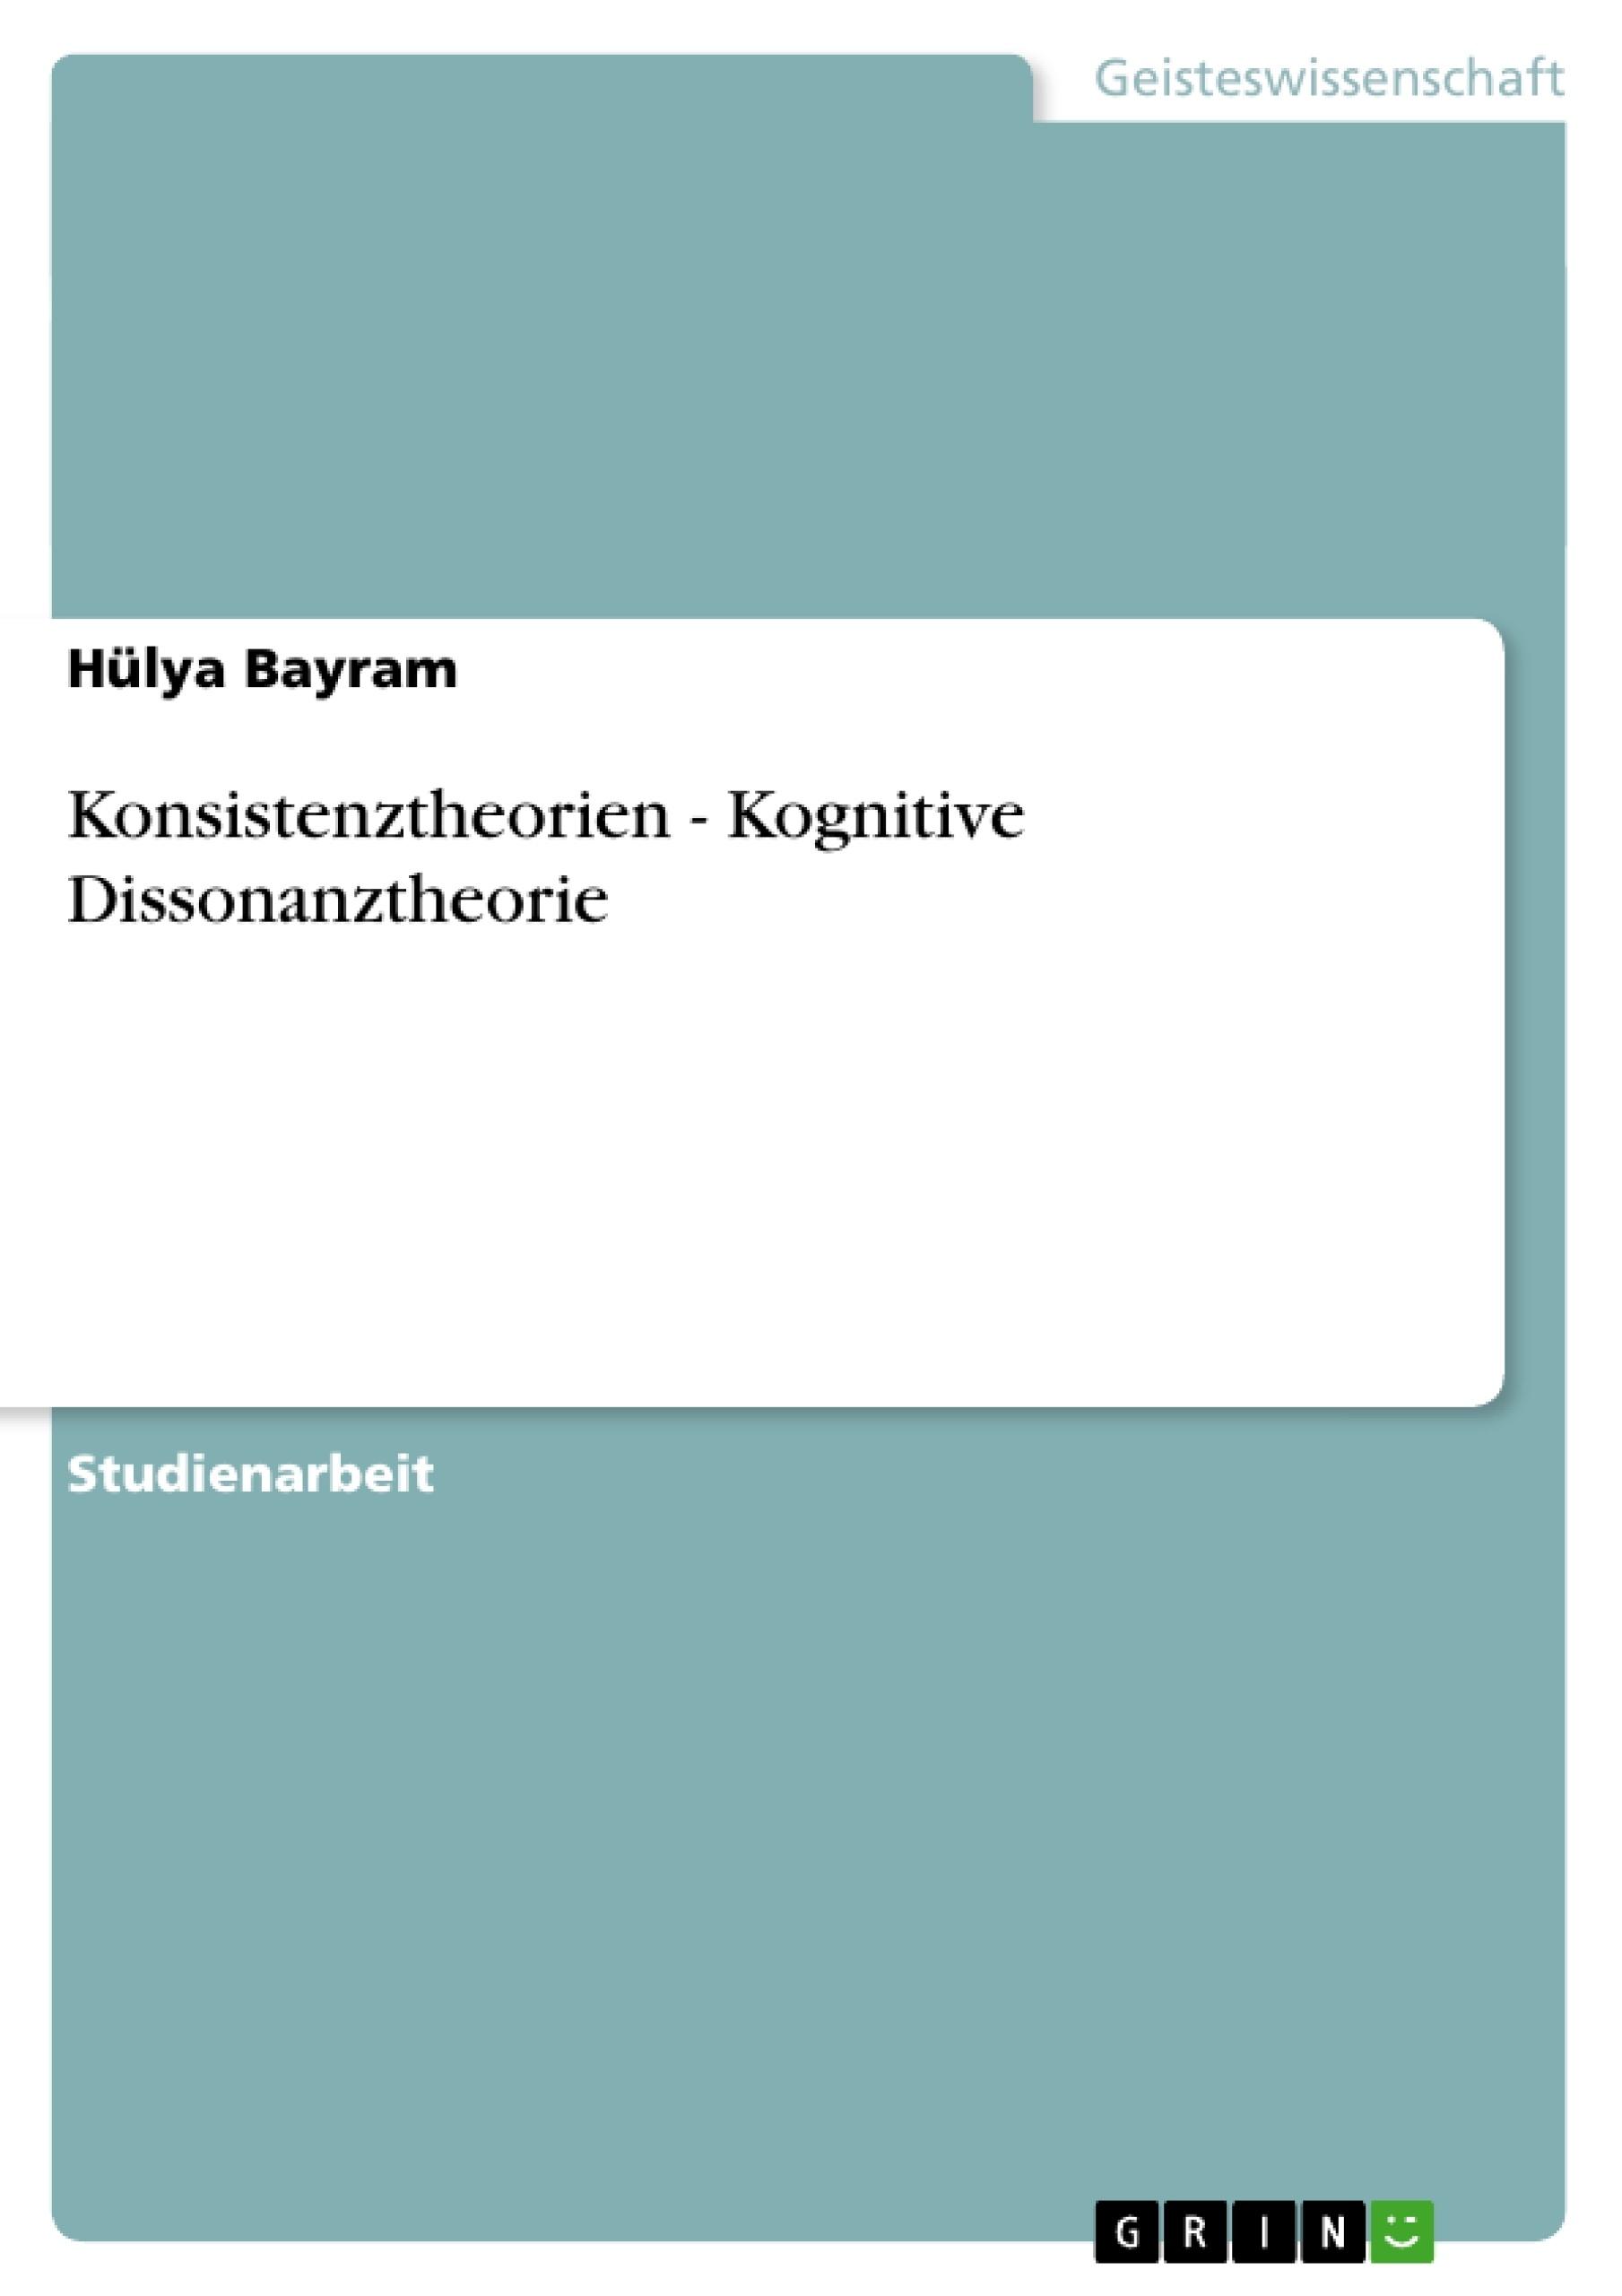 Titel: Konsistenztheorien - Kognitive Dissonanztheorie